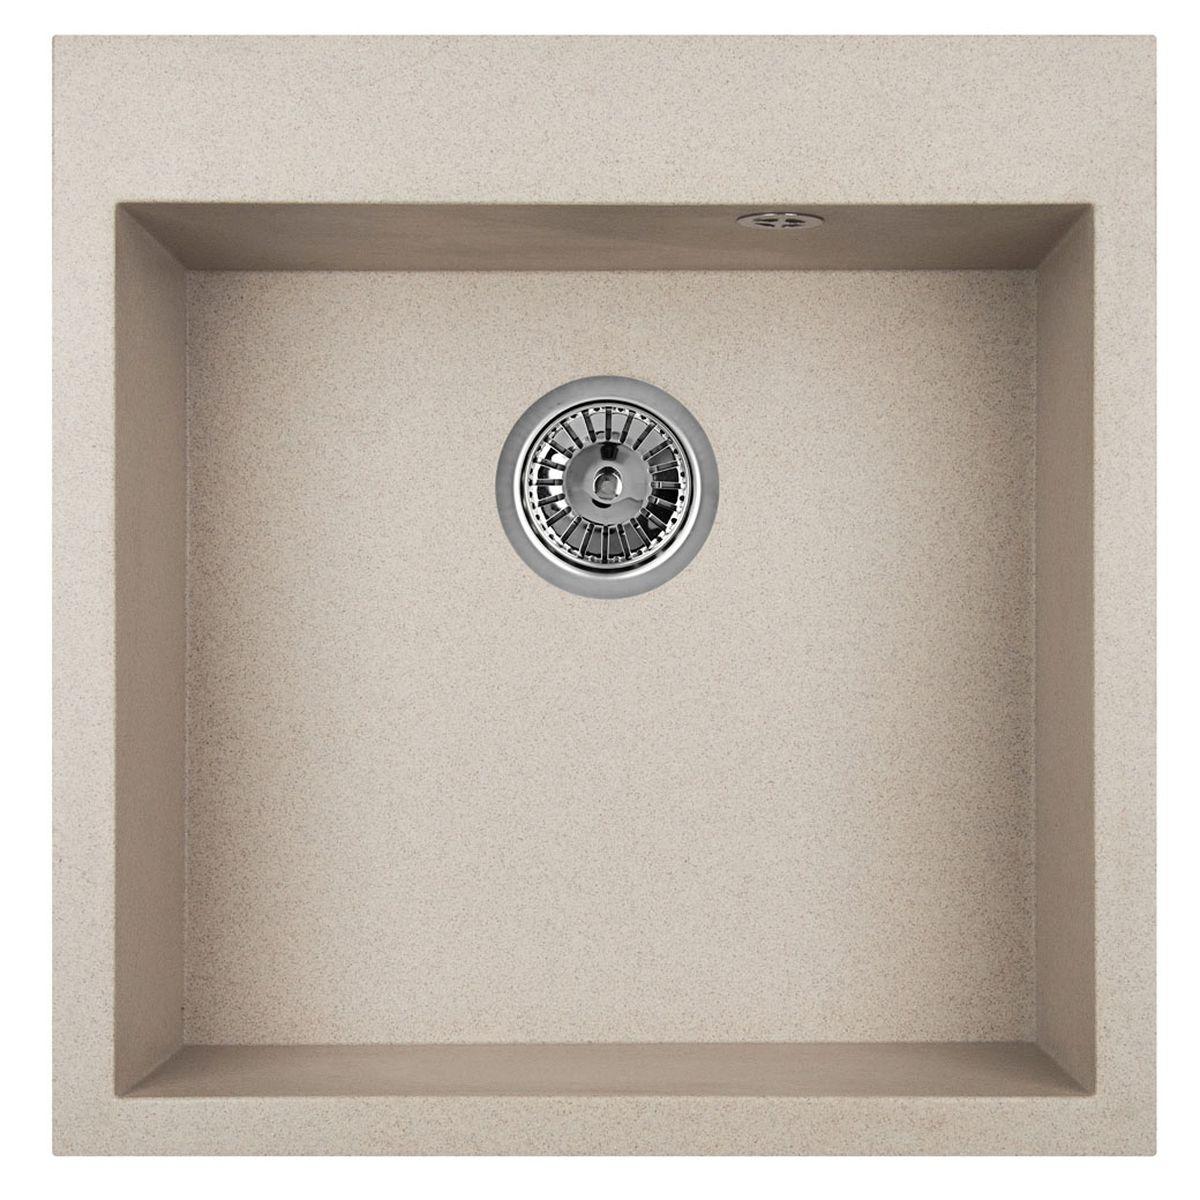 Мойка Weissgauff Quadro 505 Eco Granit, цвет: серый беж, 50,5 х 19,0 х 51,0 см290468Гранитные мойки Weissgauff Eco Granit – классическая коллекция моек, изготовленных из специально подобранных композитных материалов , содержащих оптимальное сочетание 80% каменной массы высокого качества и 20% связующих материалов. Оригинальный и функциональный дизайн - технология изготовления позволяет создавать любые цвета и формы, оптимальные для современных кухонь. Мойки Weissgauff легко подобрать к интерьеру любой кухни, для разных цветов и форм столешниц Влагостойкость - отталкивание влаги – одна из примечательных особенностей моек из искусственного камня за счет связующих композитных материалов, которые продлевают их срок службы и способствуют сохранению первоначального вида Термостойкость - подвергая мойки воздействию высоких температур, например, различными горячими жидкостями, будьте уверенны, что мойки Weissgauff – эталон стойкости и качества, так как они устойчивы к перепаду температур. Специальный состав моек Weisgauff избавляет от проблемы...